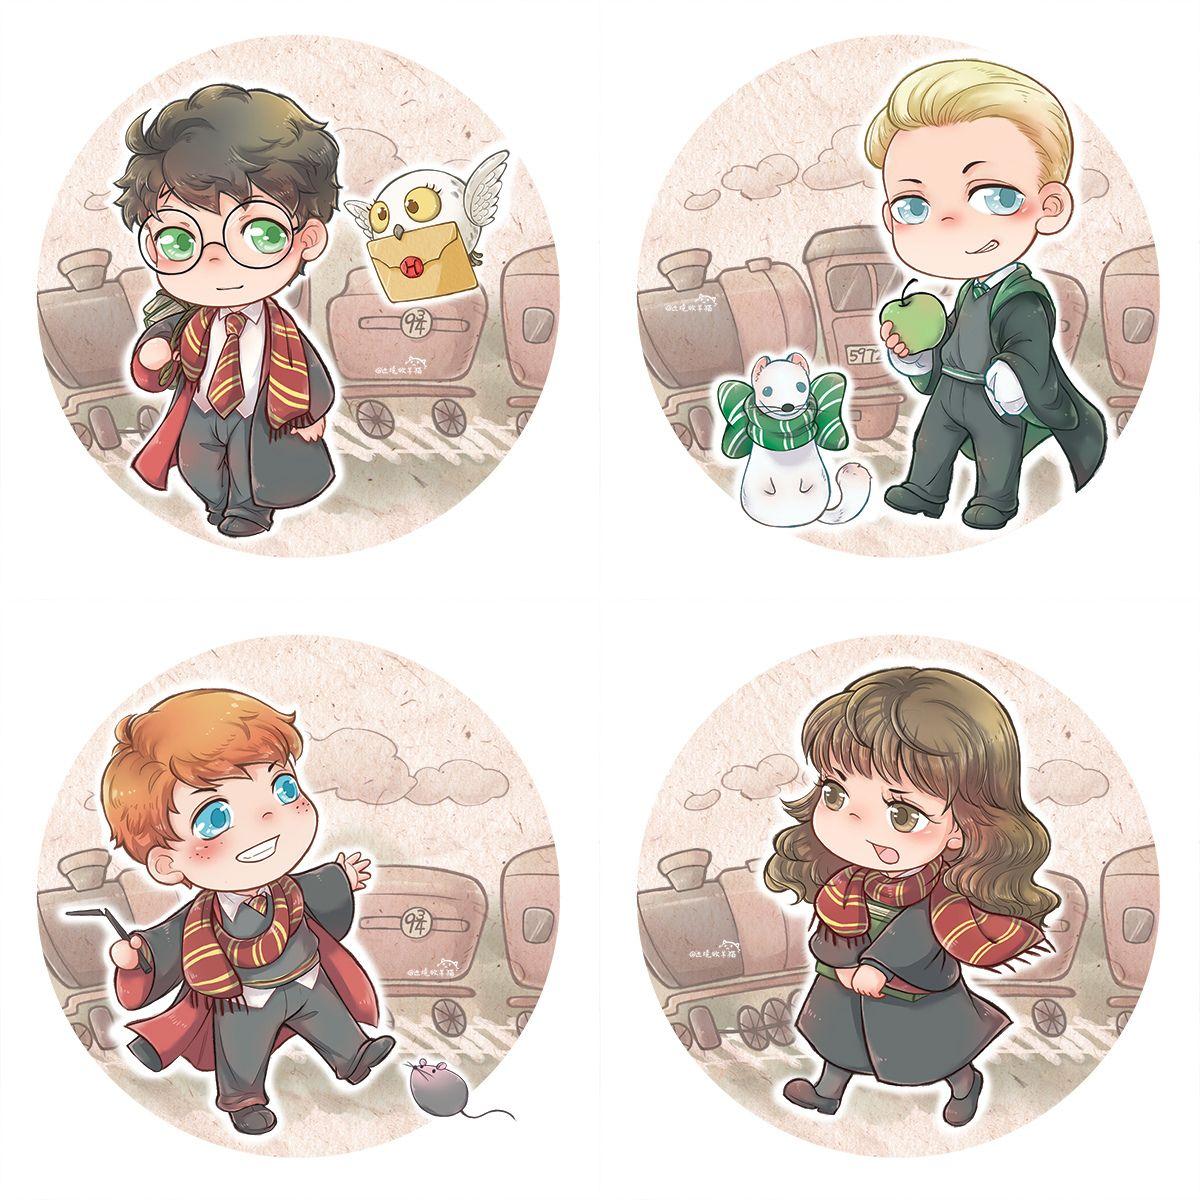 Гарри, Драко, Рон, Гермиона (с изображениями) | Гермиона ...